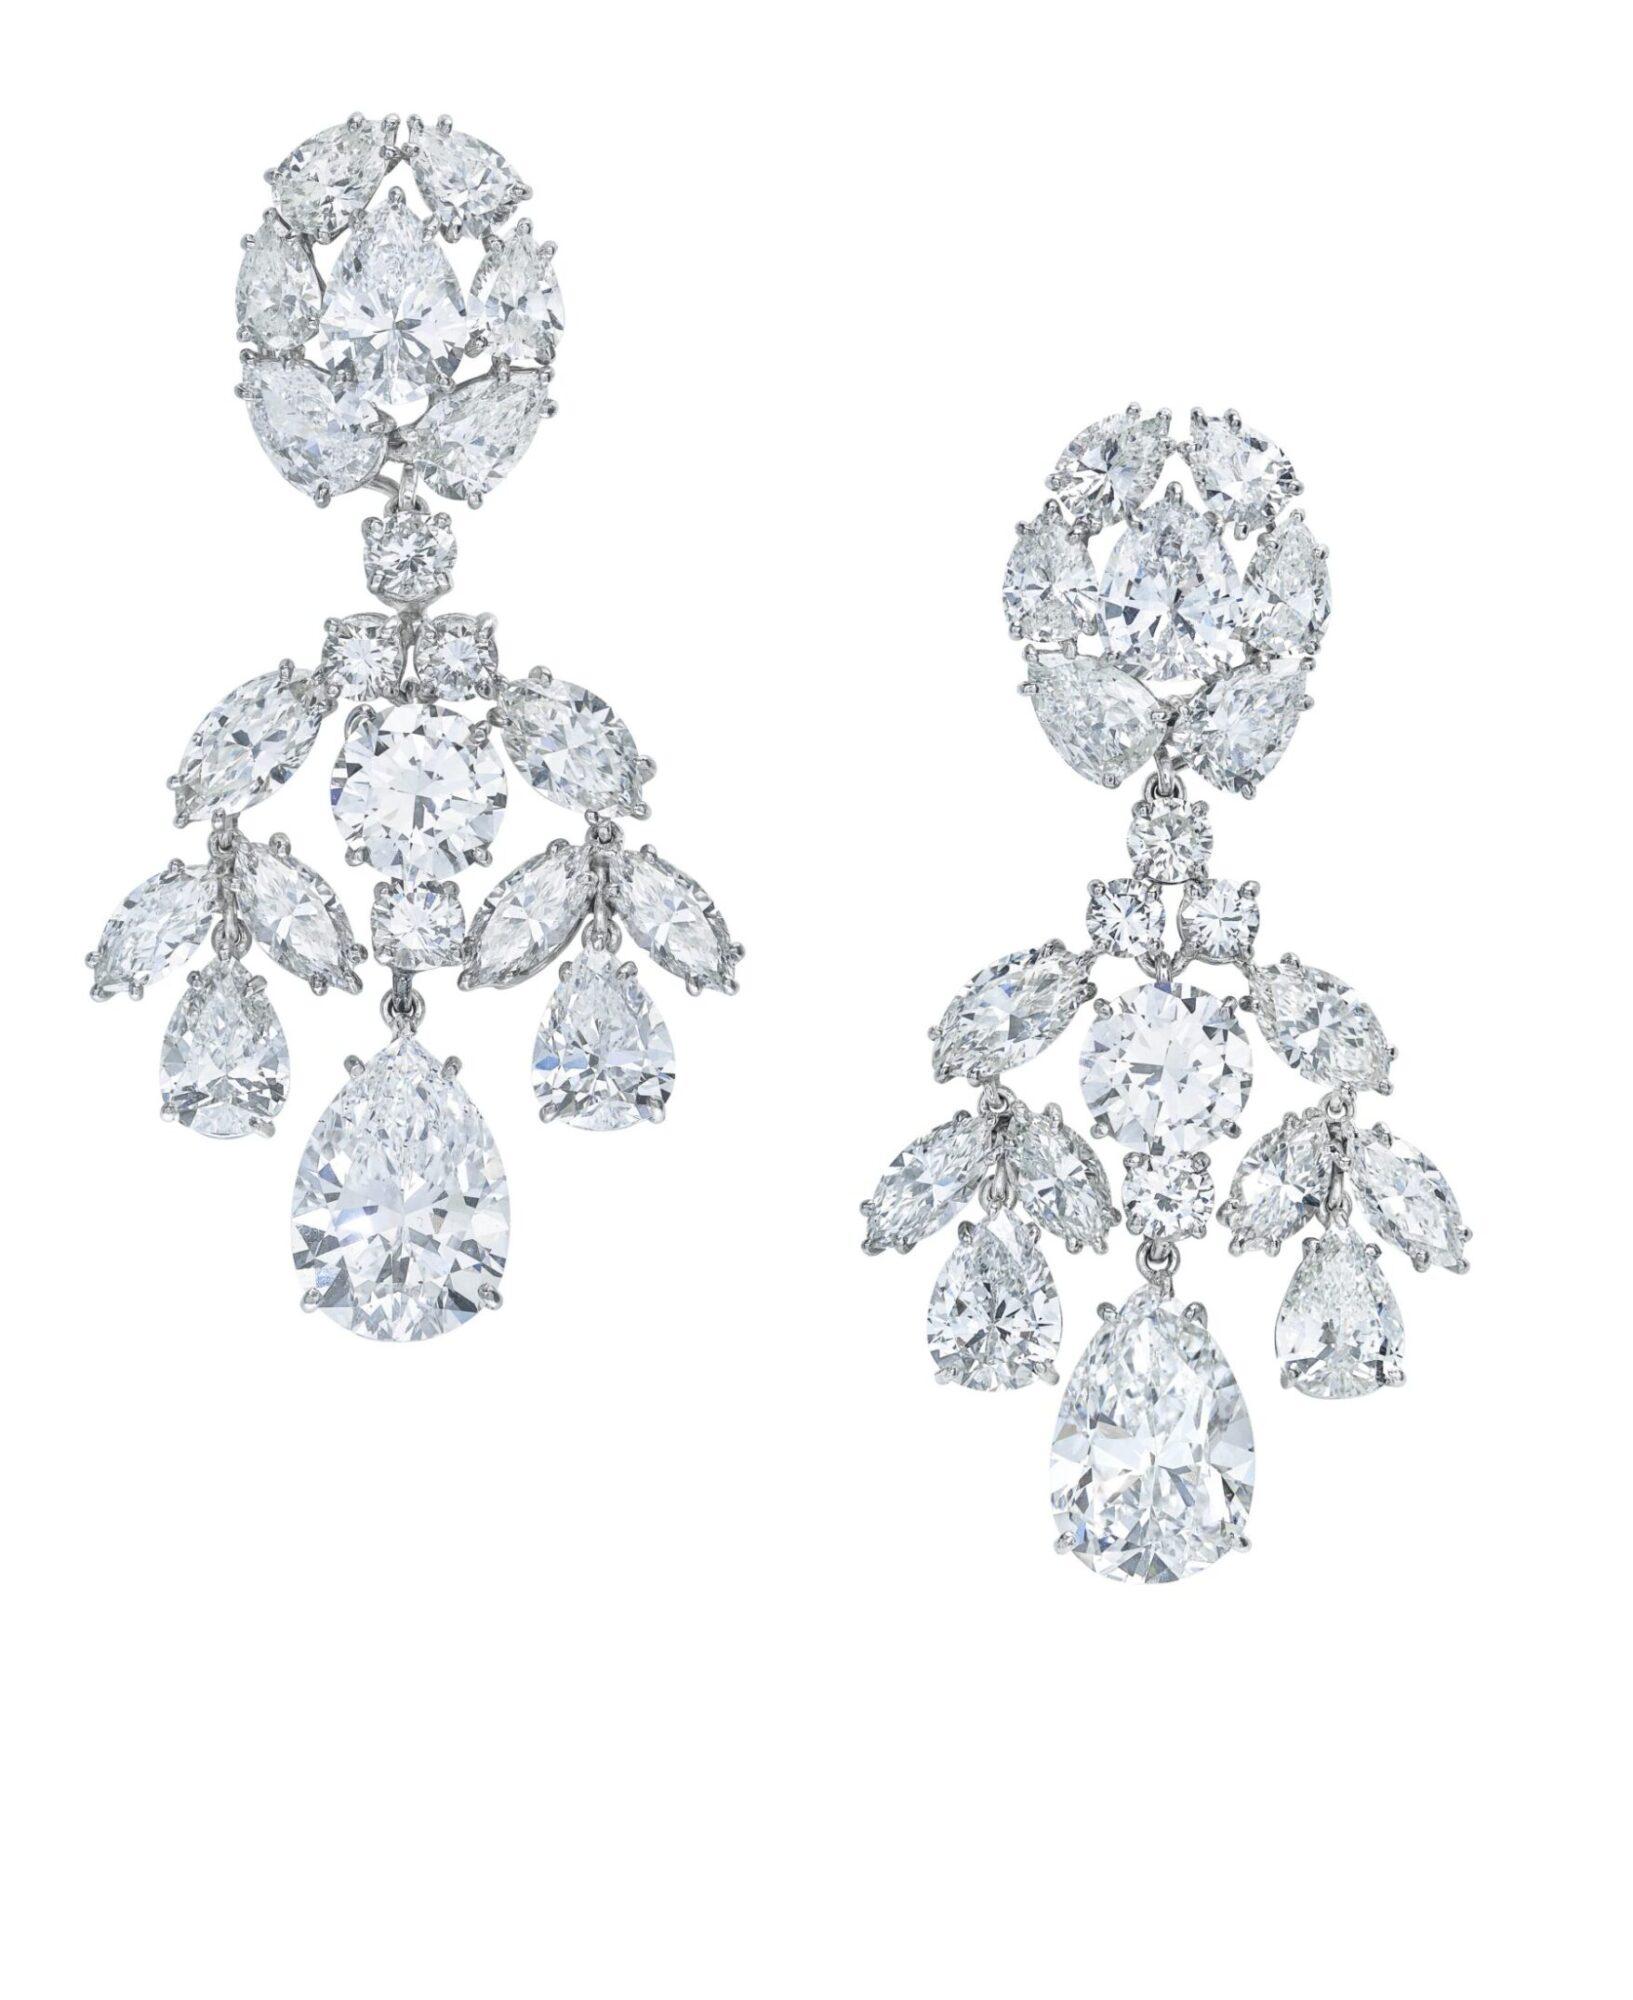 Diamond earrings by David Webb, estimate CHF